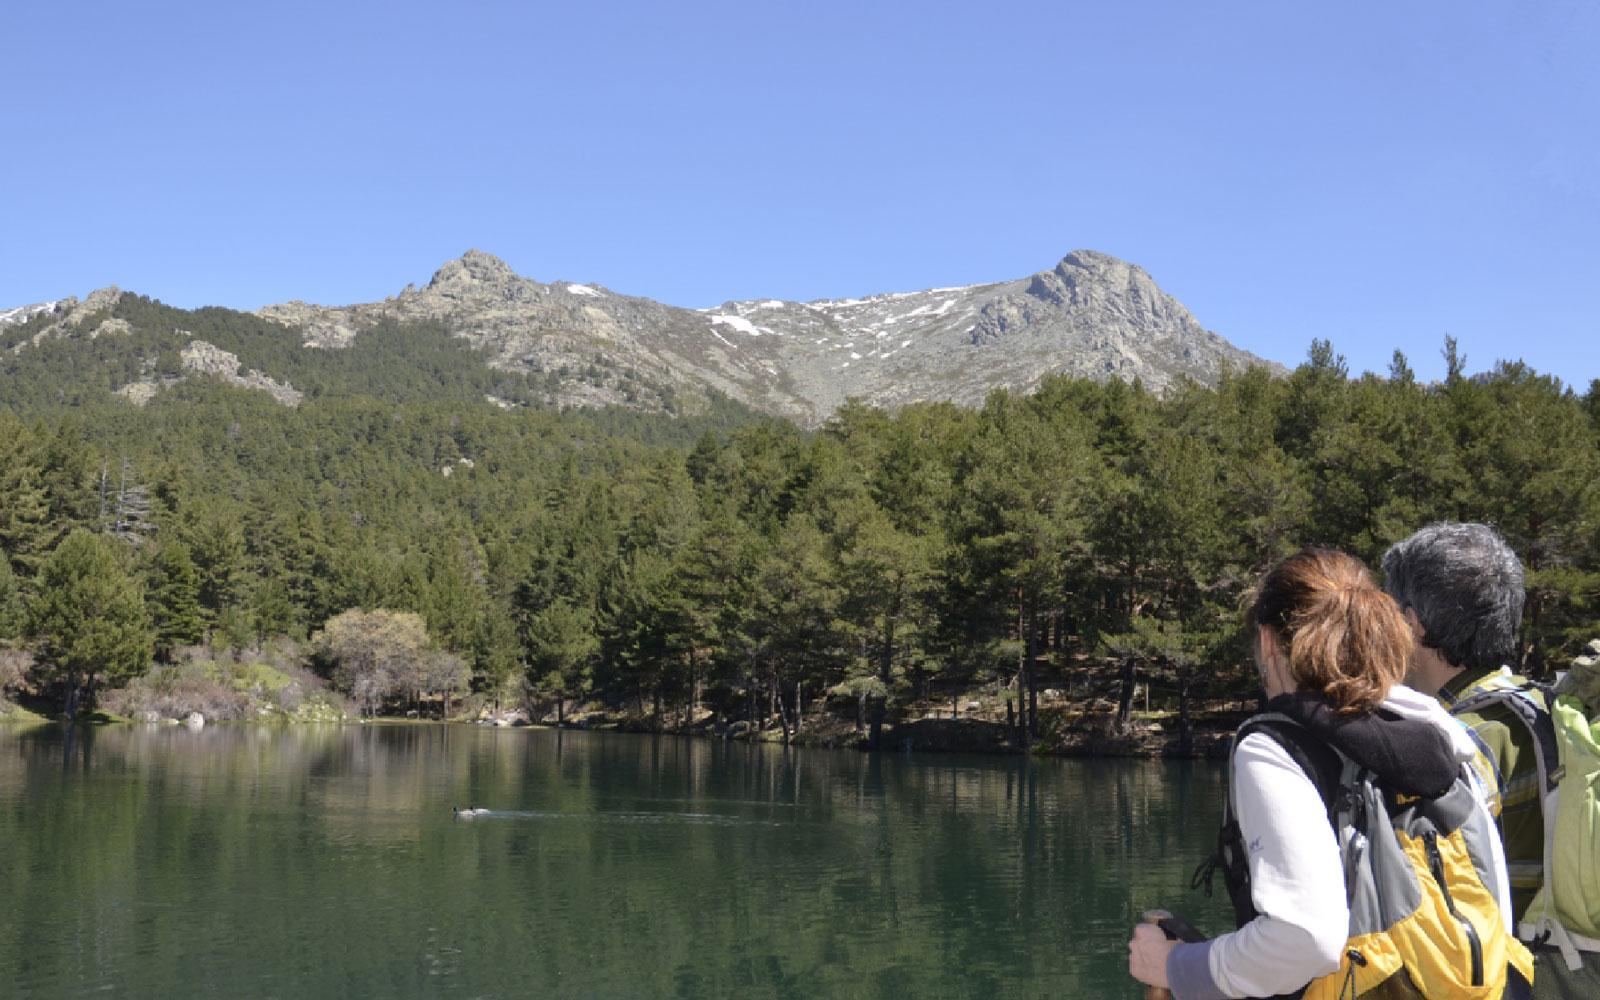 Turismo Sostenible Sierra de Guadarrama Adesgam Madrid Ecoturismo